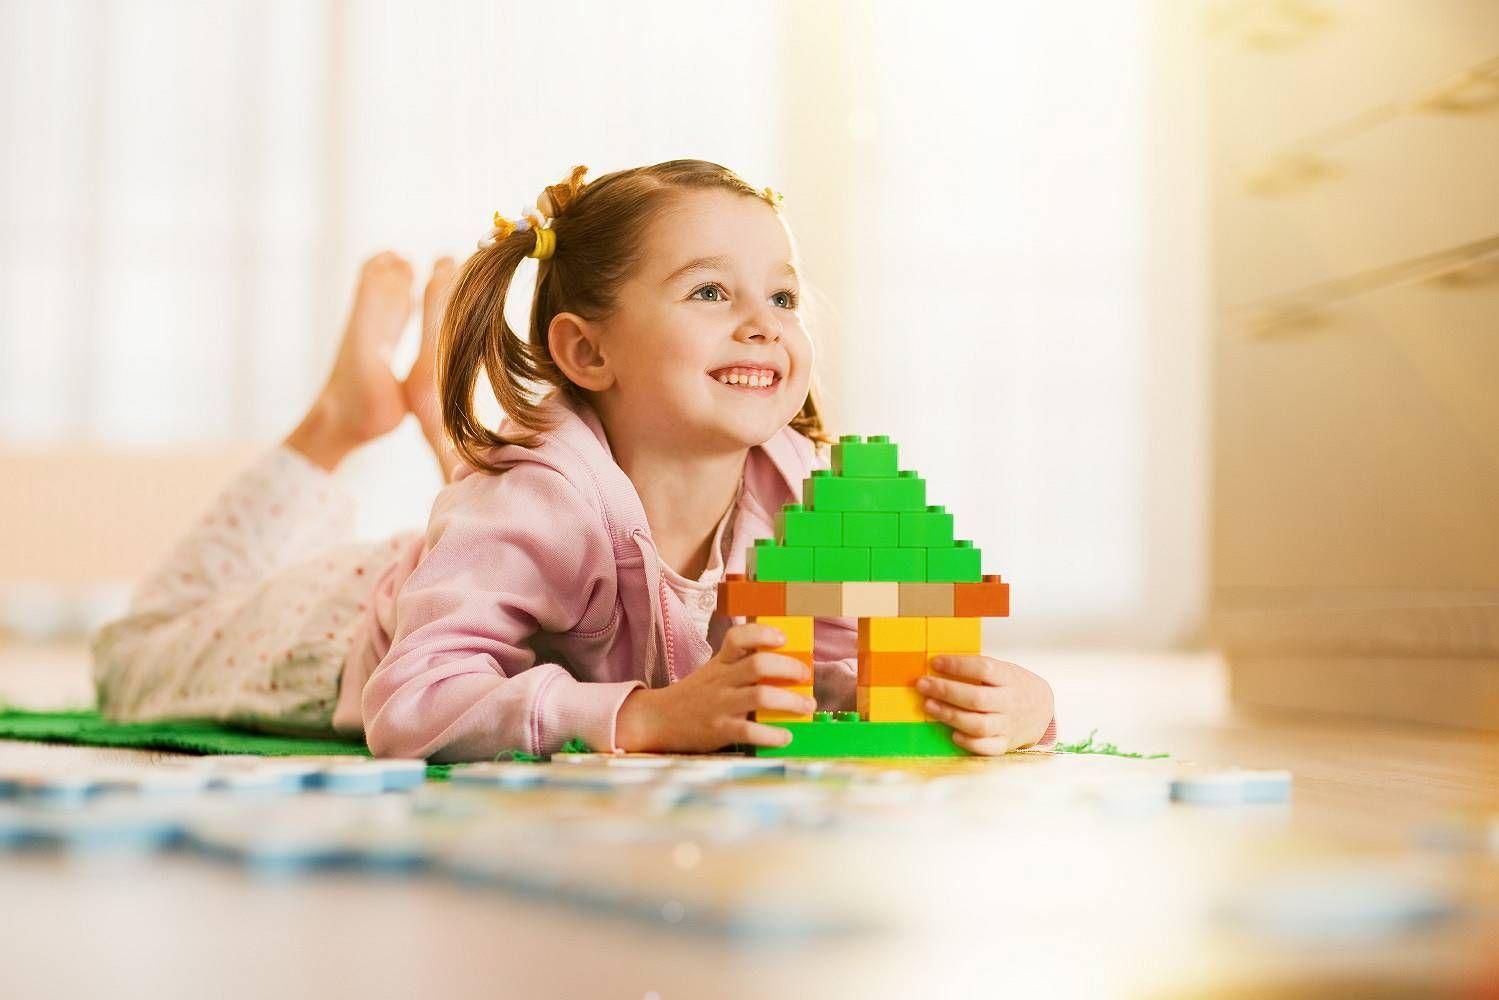 Ипотека под материнский капитал: как оформить, программы и условия банков